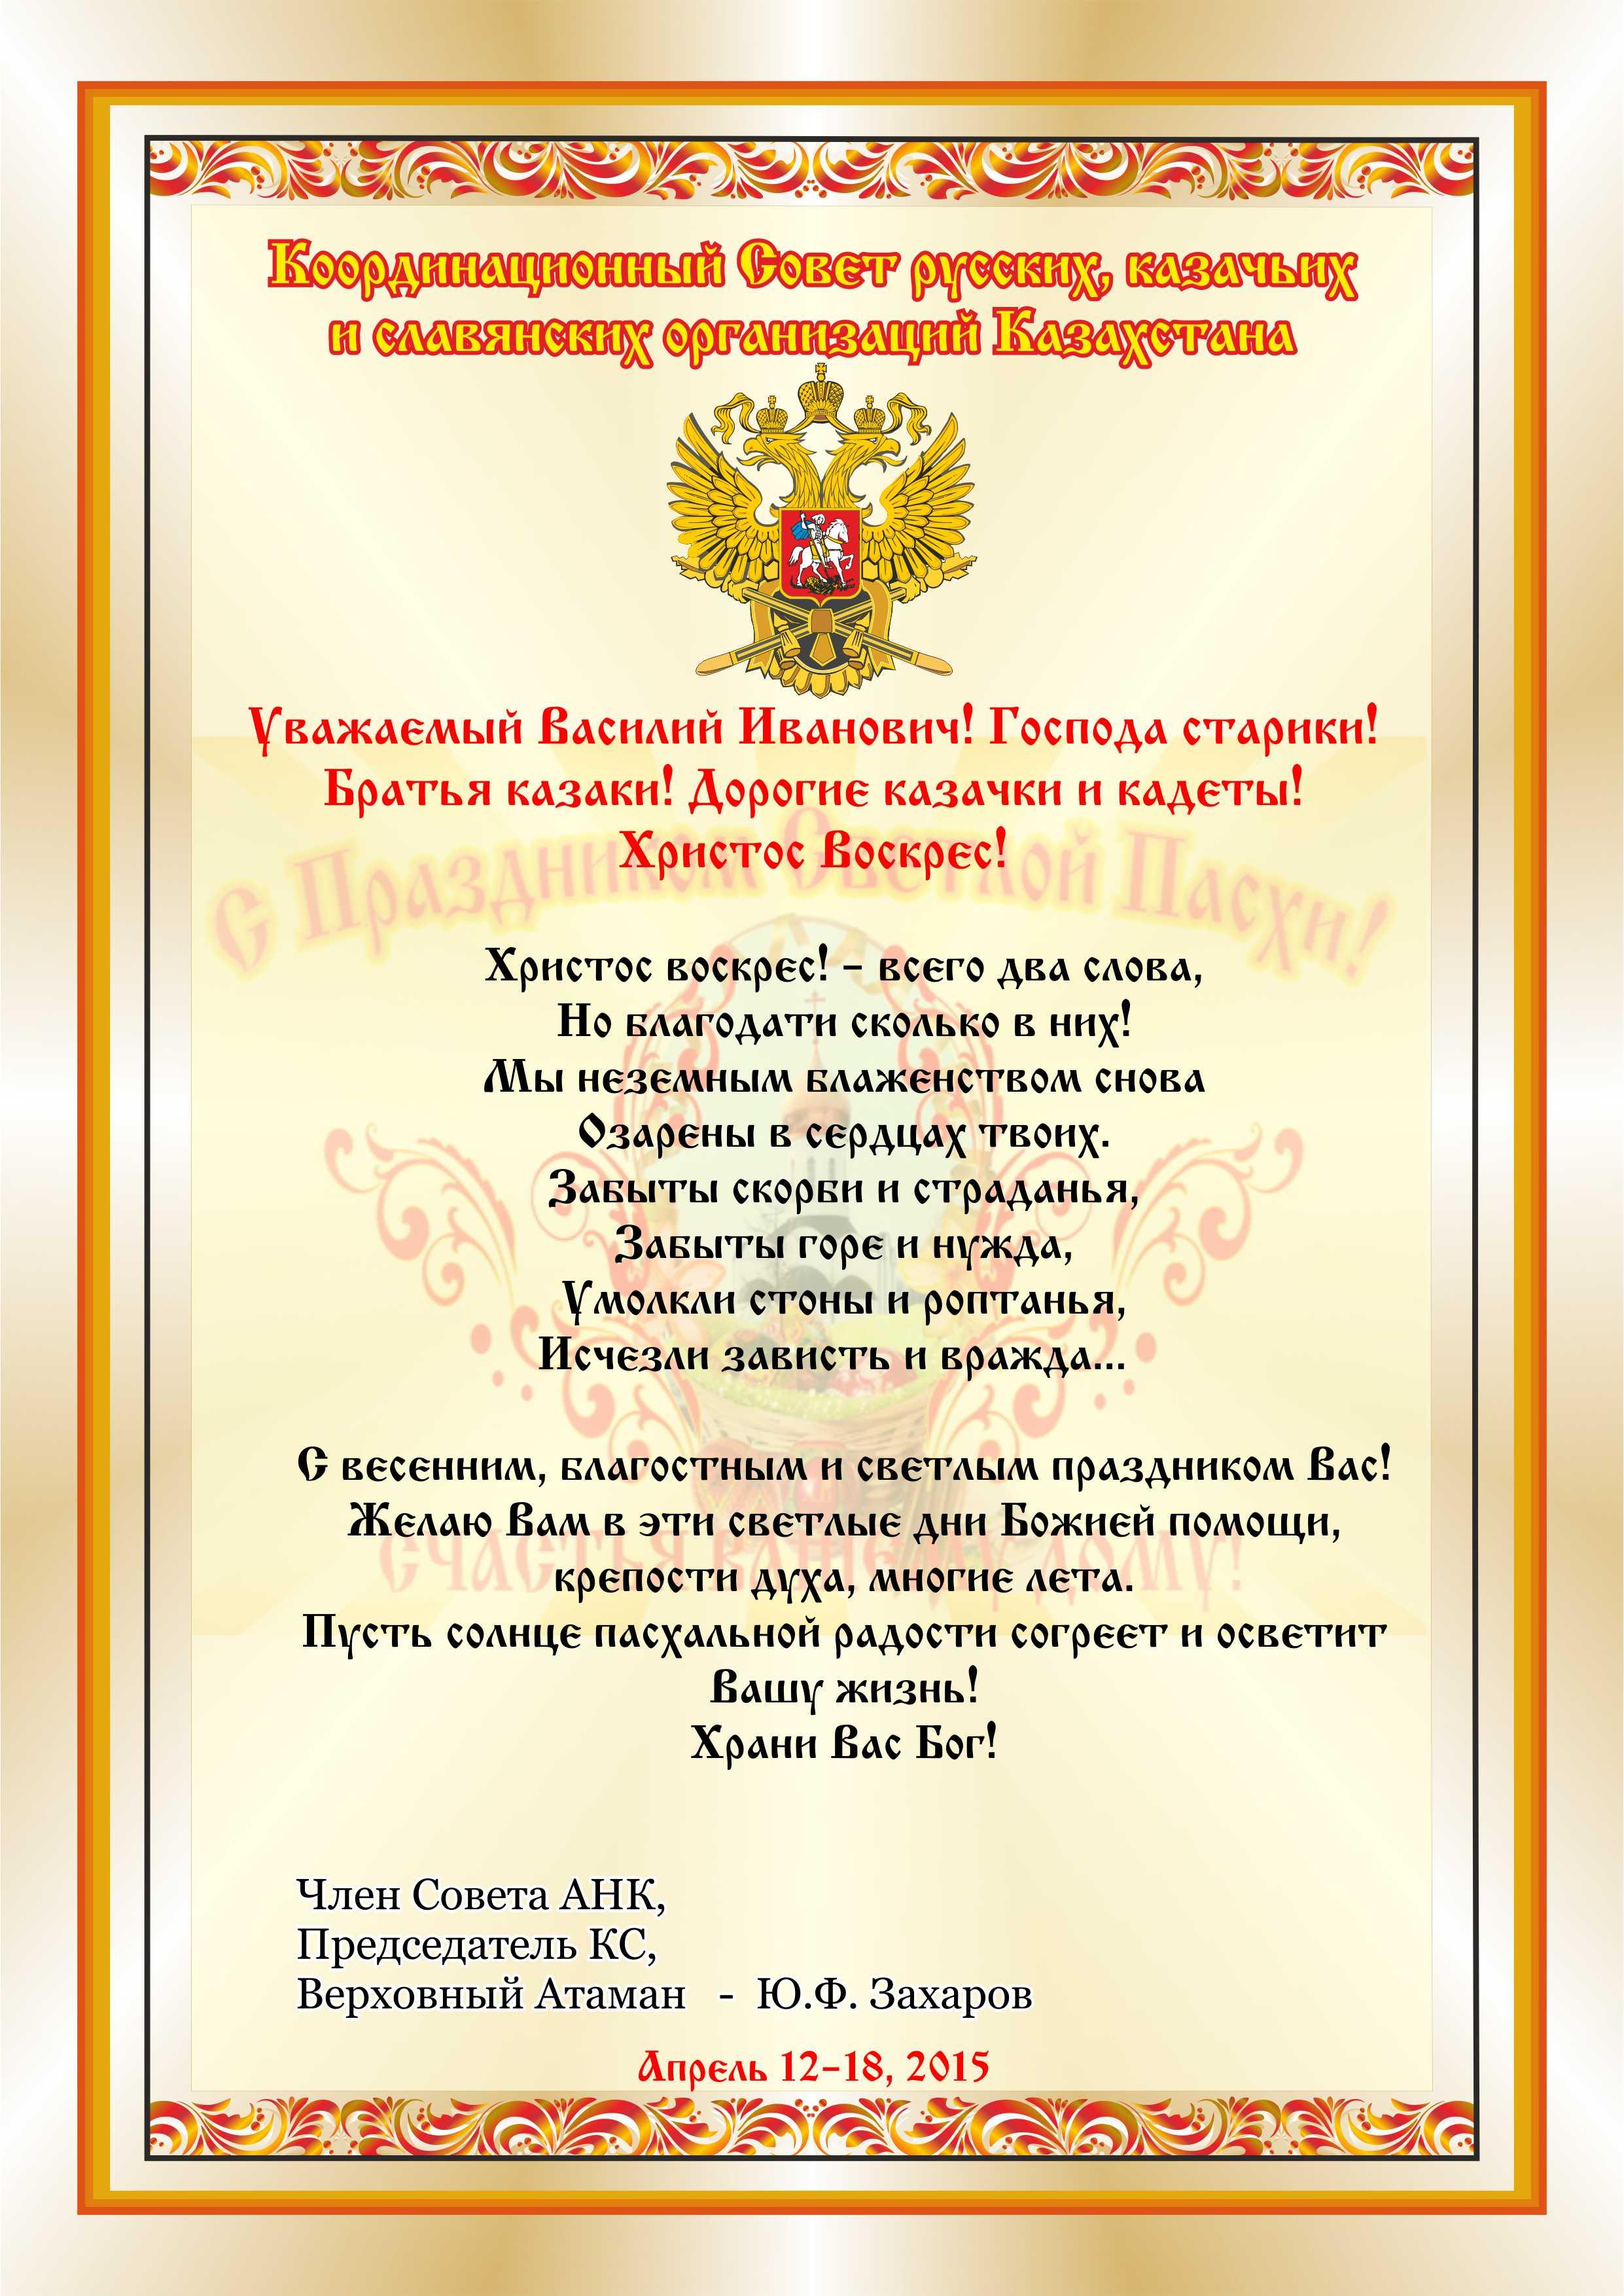 Поздравление с днем козака